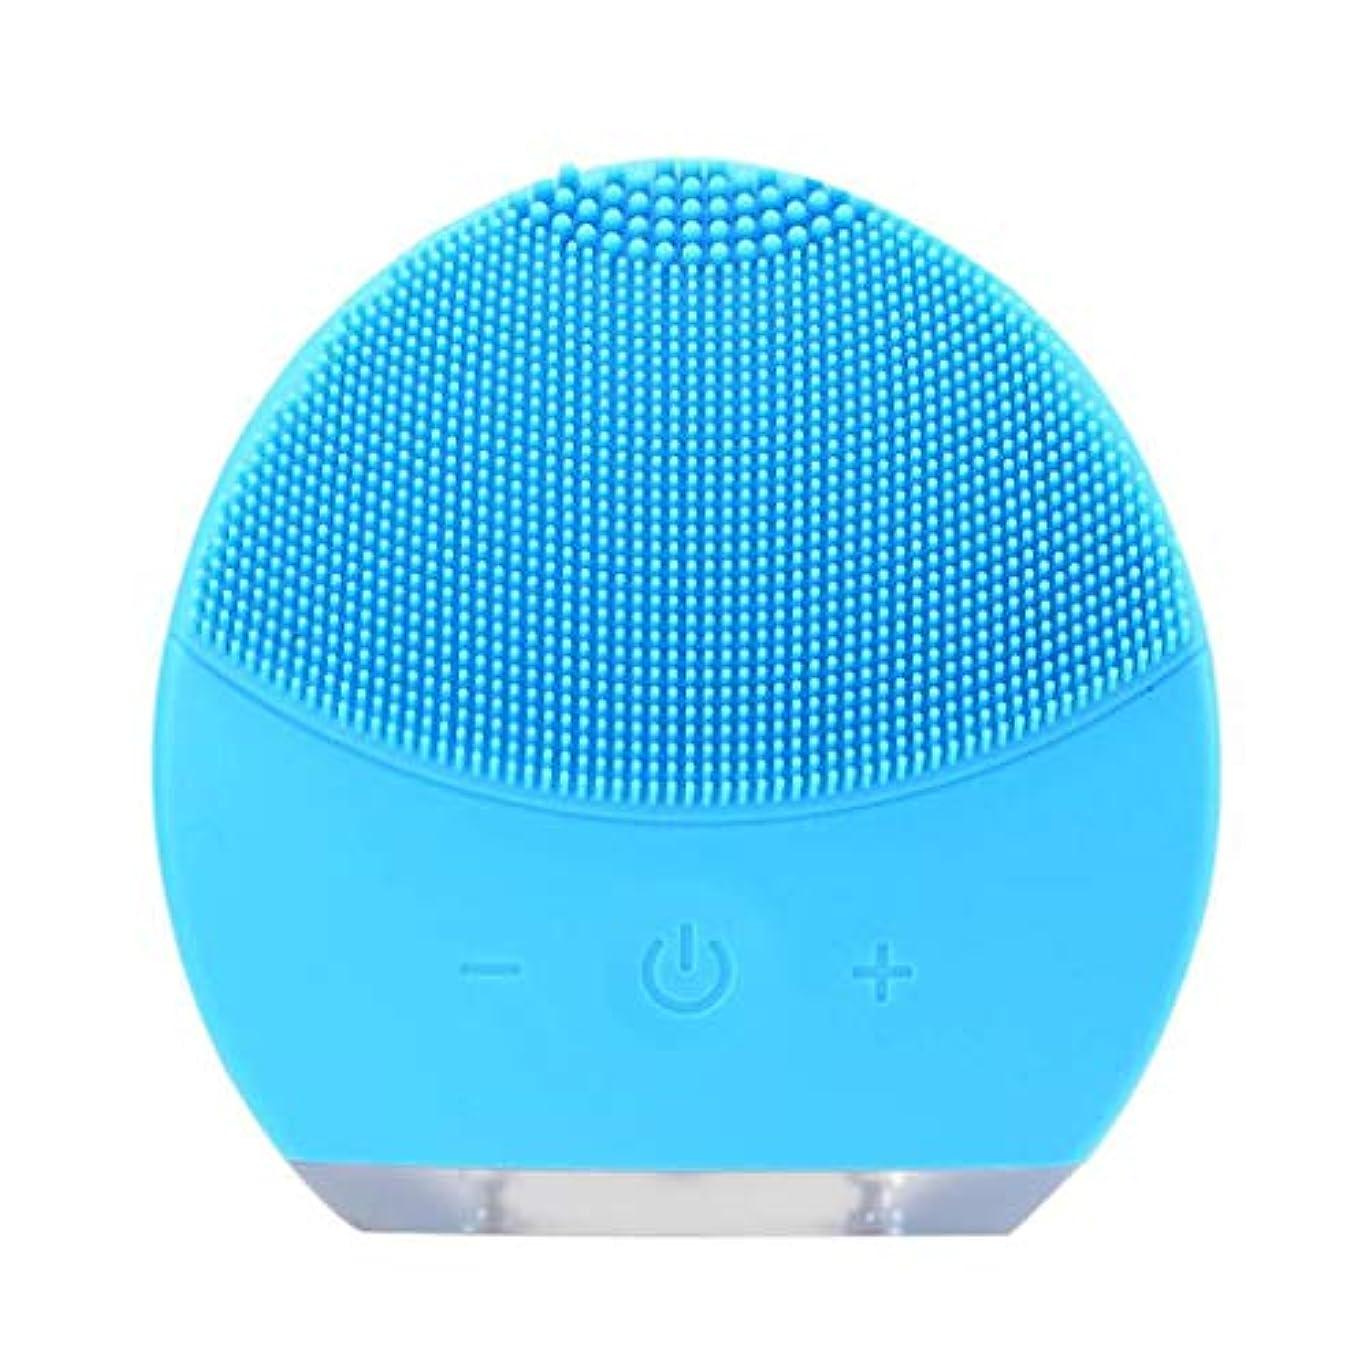 並外れた展開するライブ超音波振動美容機器洗浄器、皮膚の毛穴を最小限に抑えるマイクロダーマブレーション毛穴、USB 充電と防水,Blue